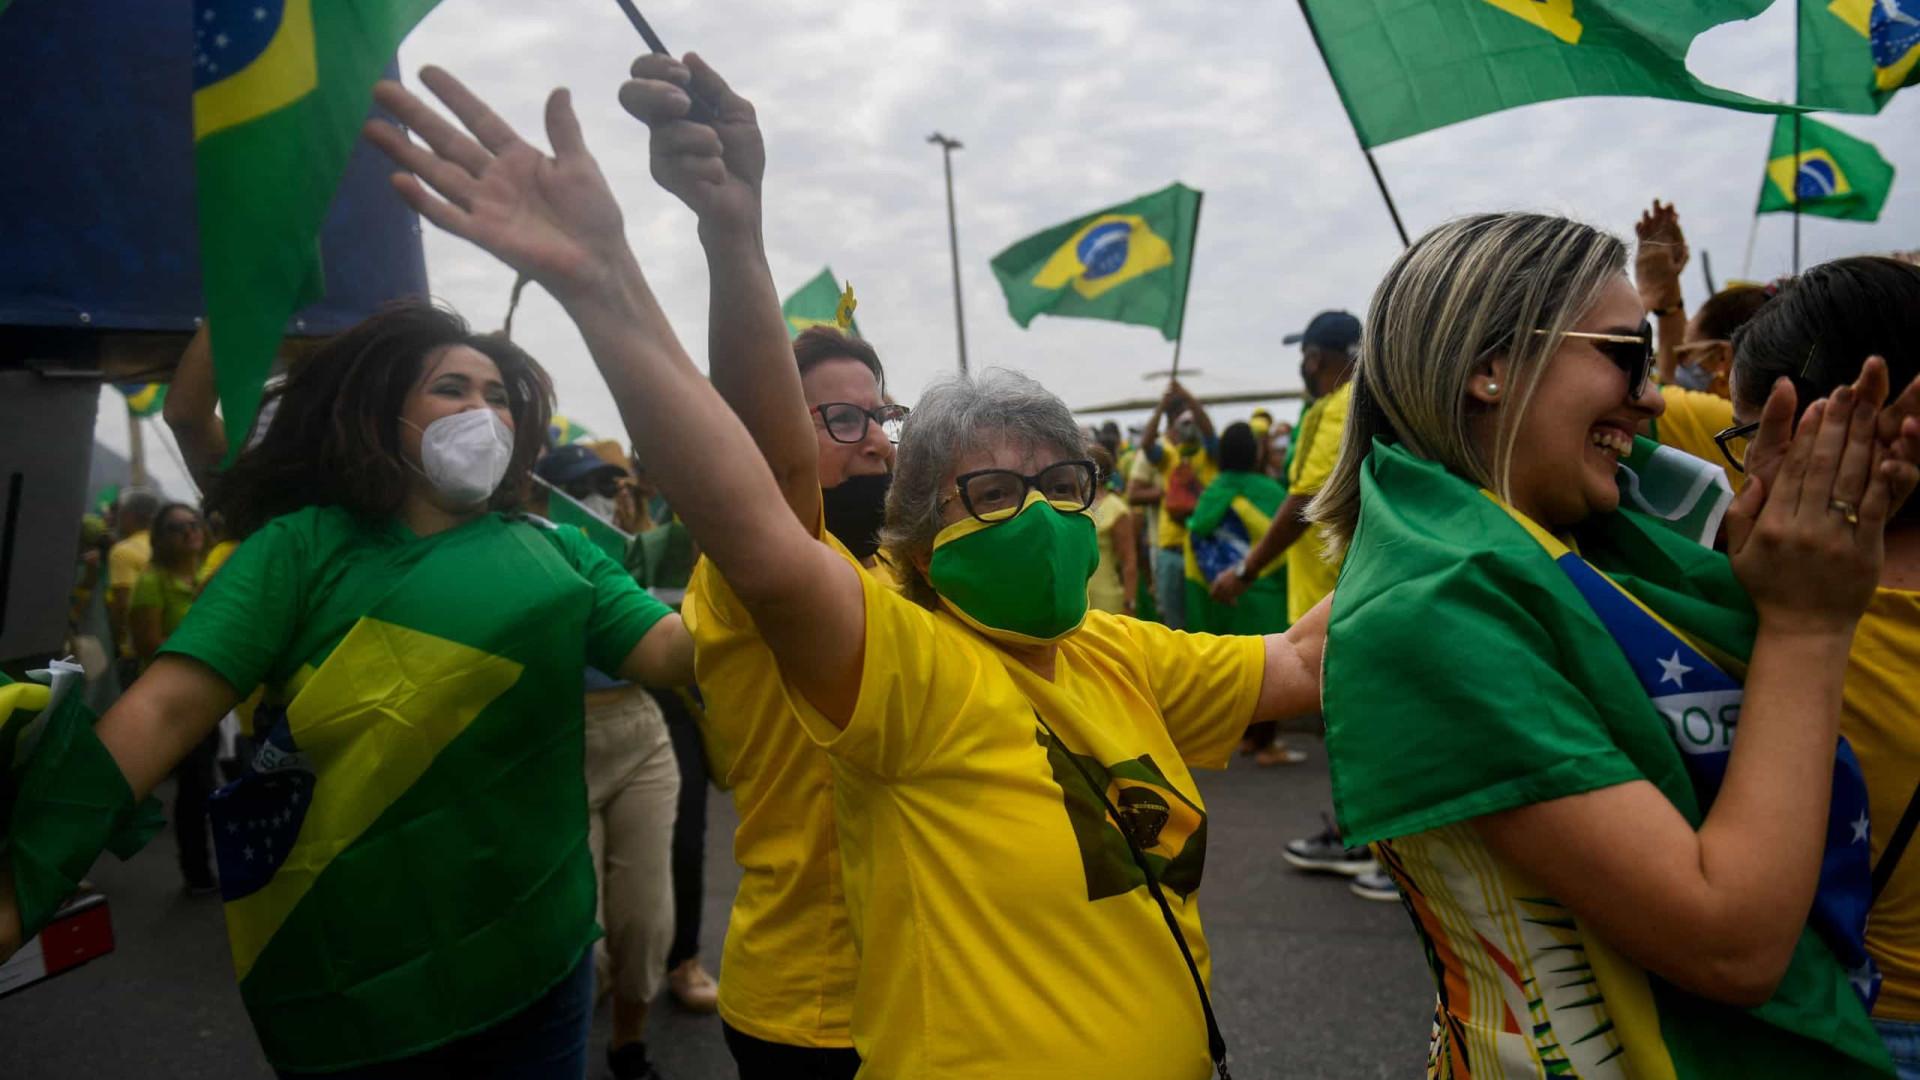 Eleitorado de Bolsonaro expõe mistura que inclui até opção de voto em Lula